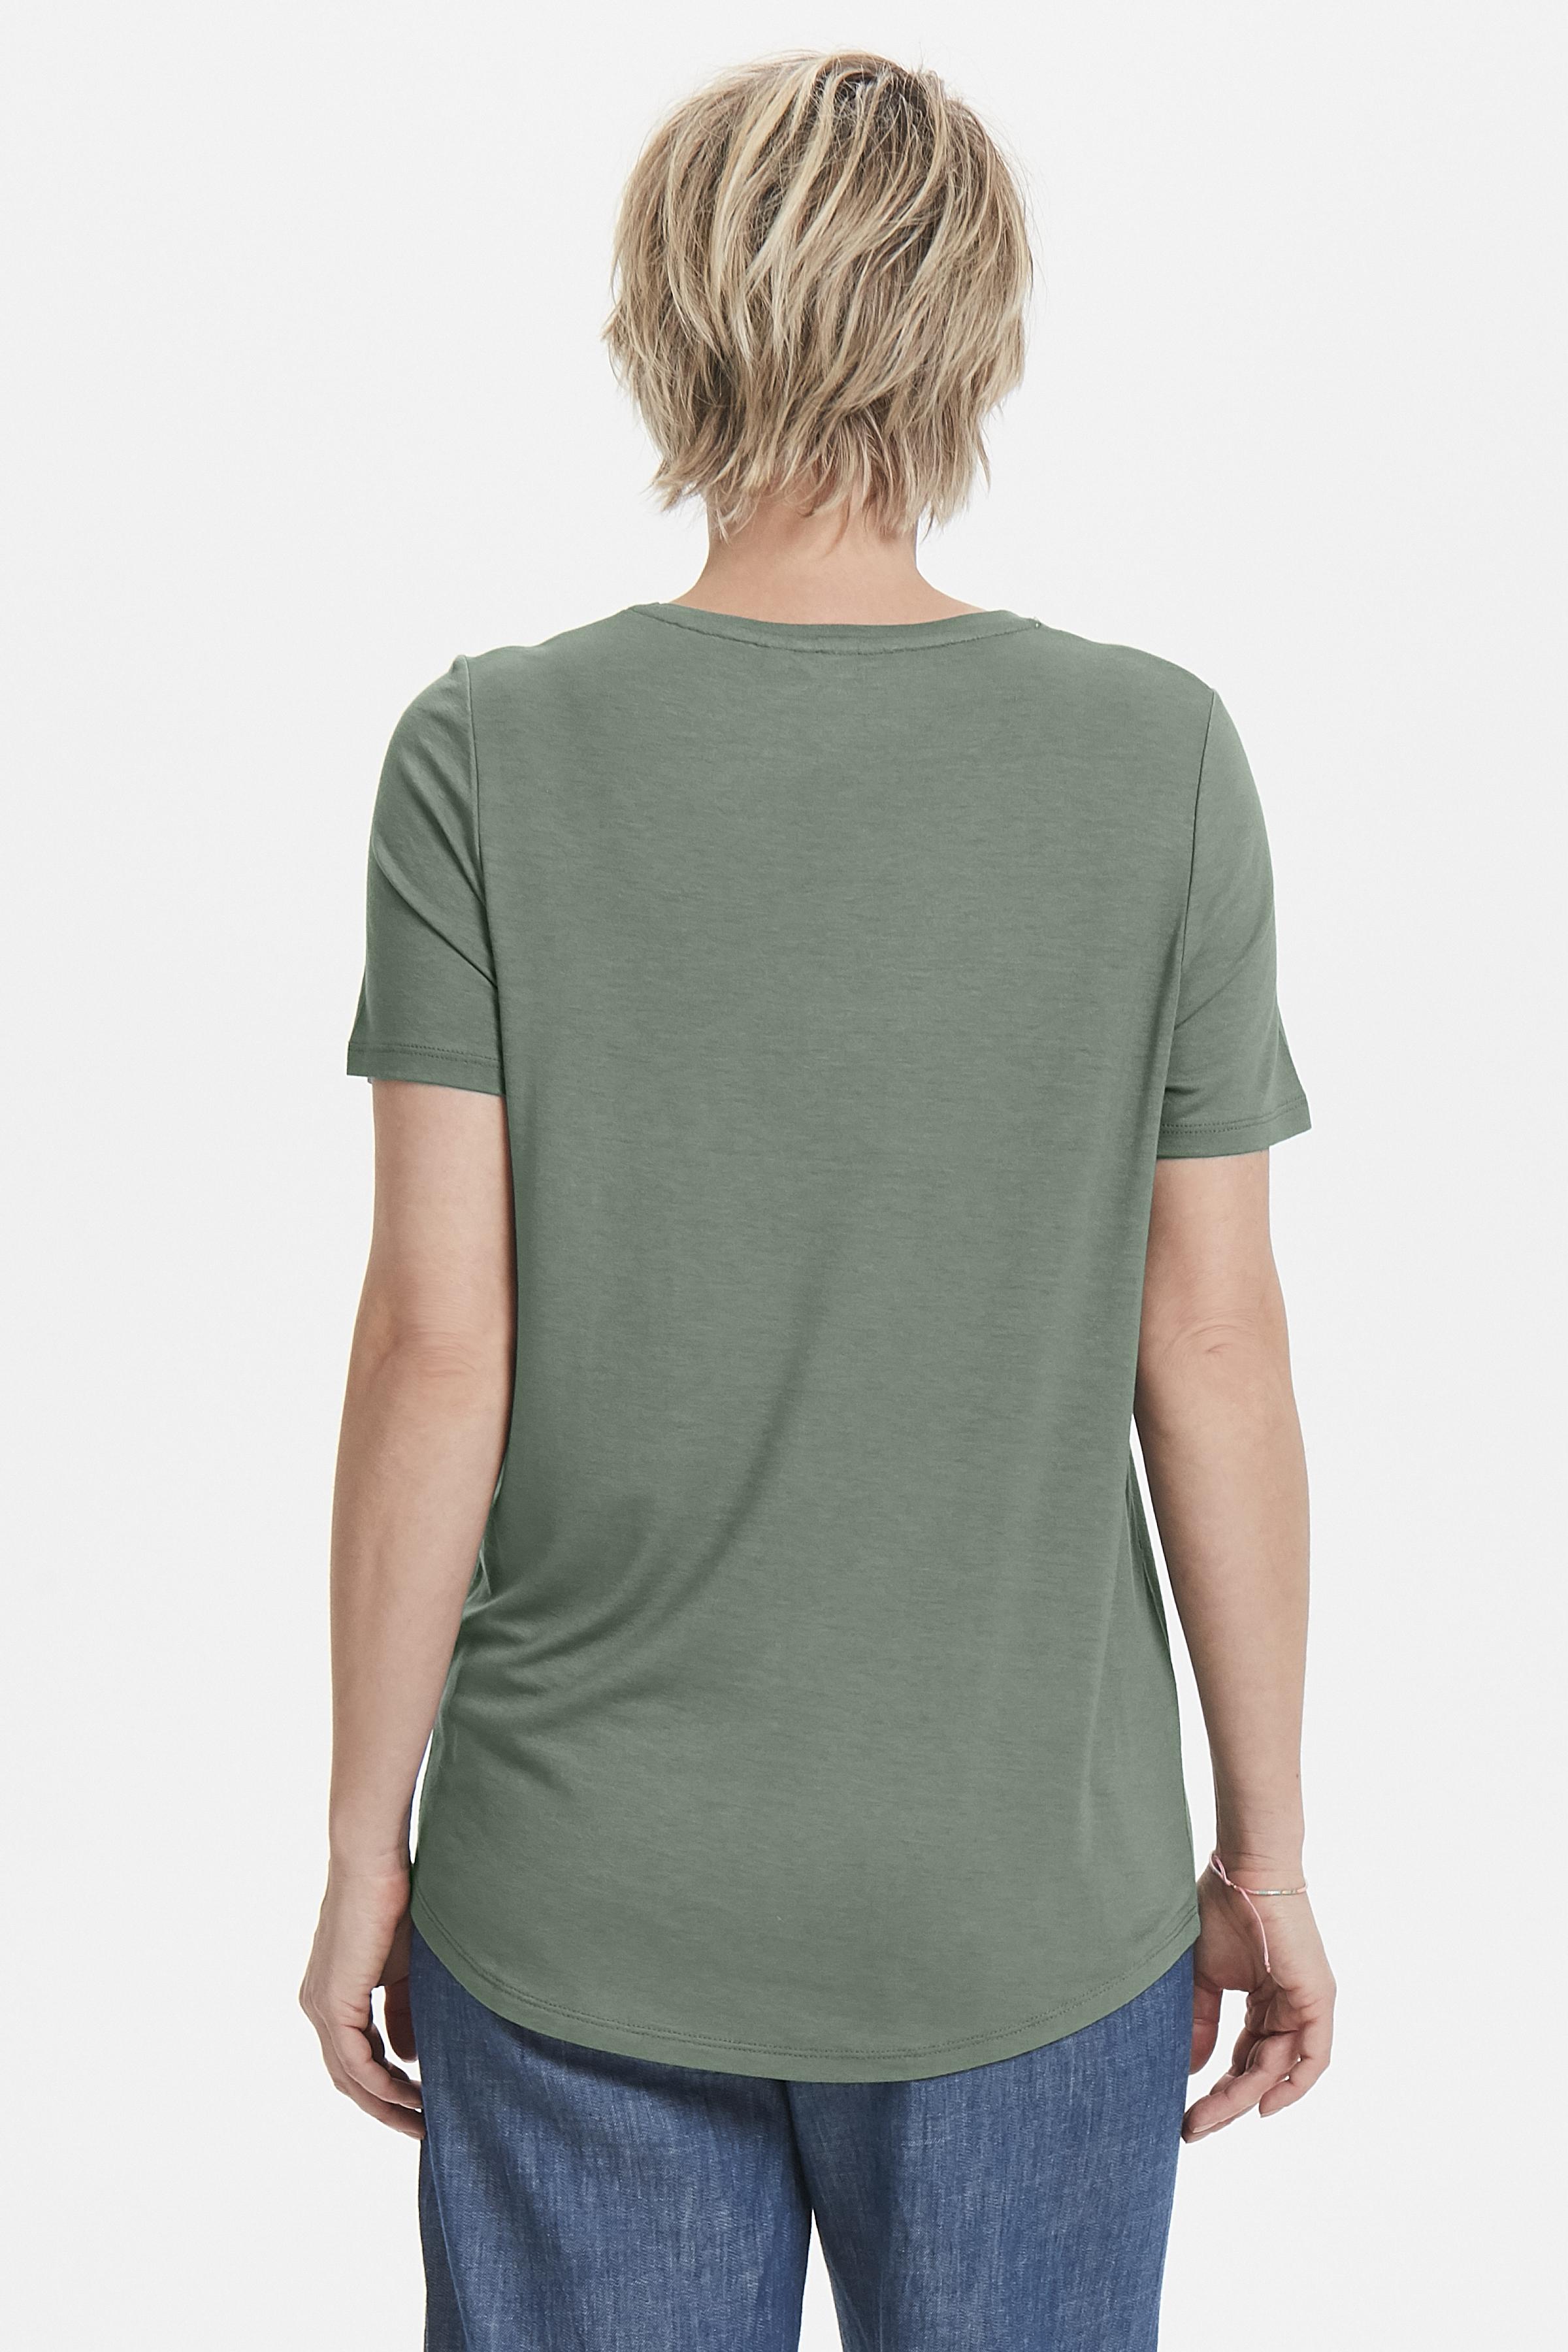 Grøn Kortærmet T-shirt fra Bon'A Parte – Køb Grøn Kortærmet T-shirt fra str. S-XXL her